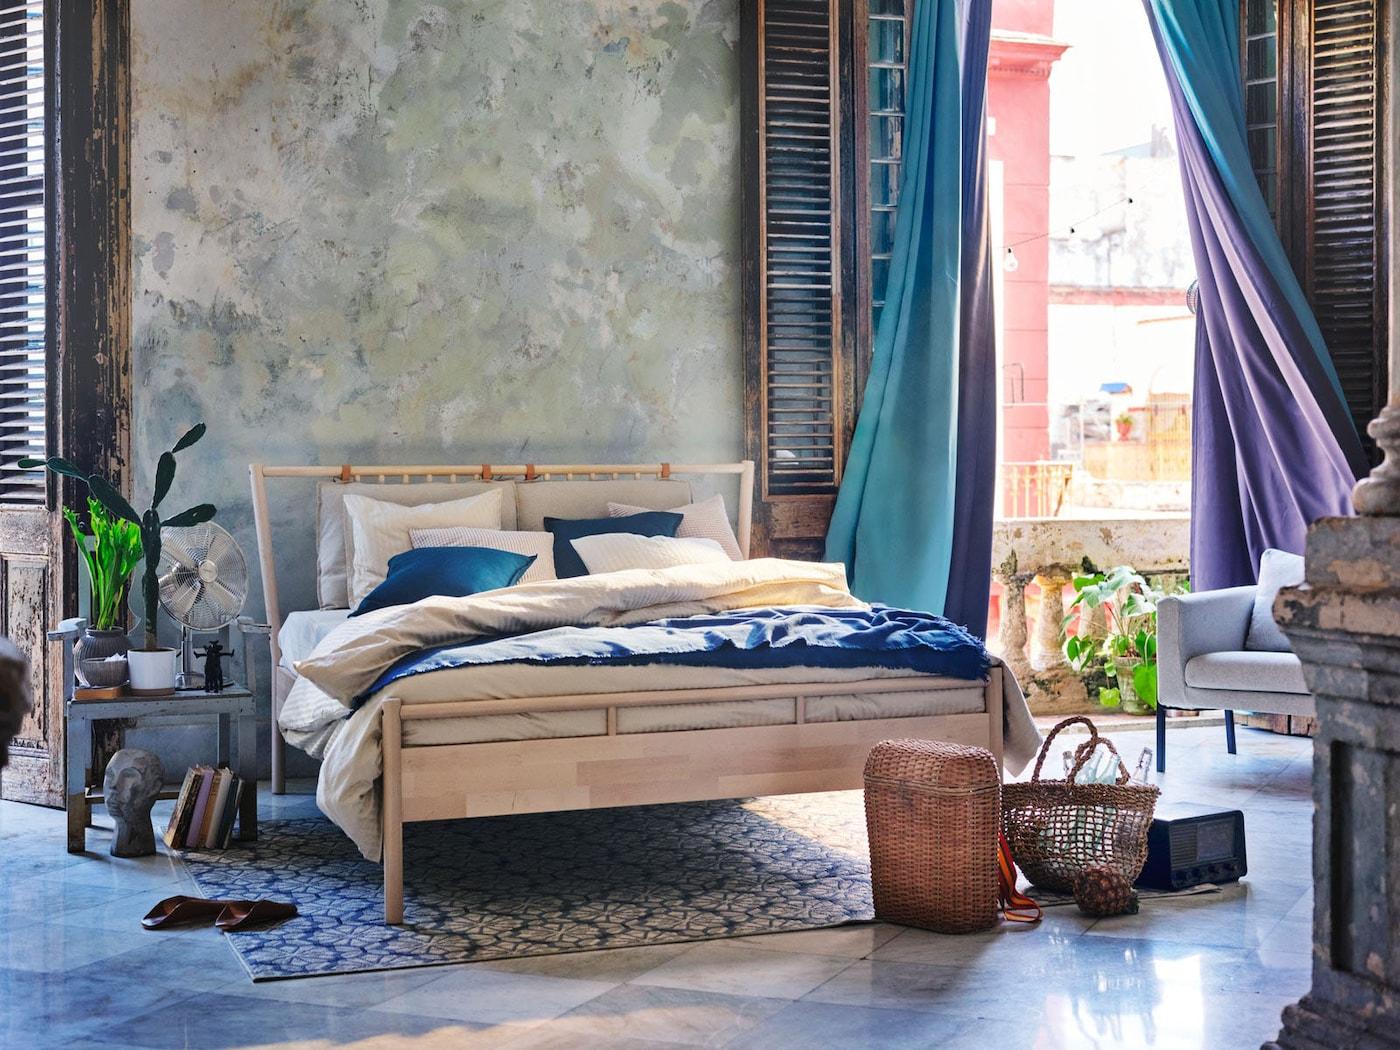 Blåt/gråt soveværelse med turkise og lilla mørklægningsgardiner, der svajer i vinden.